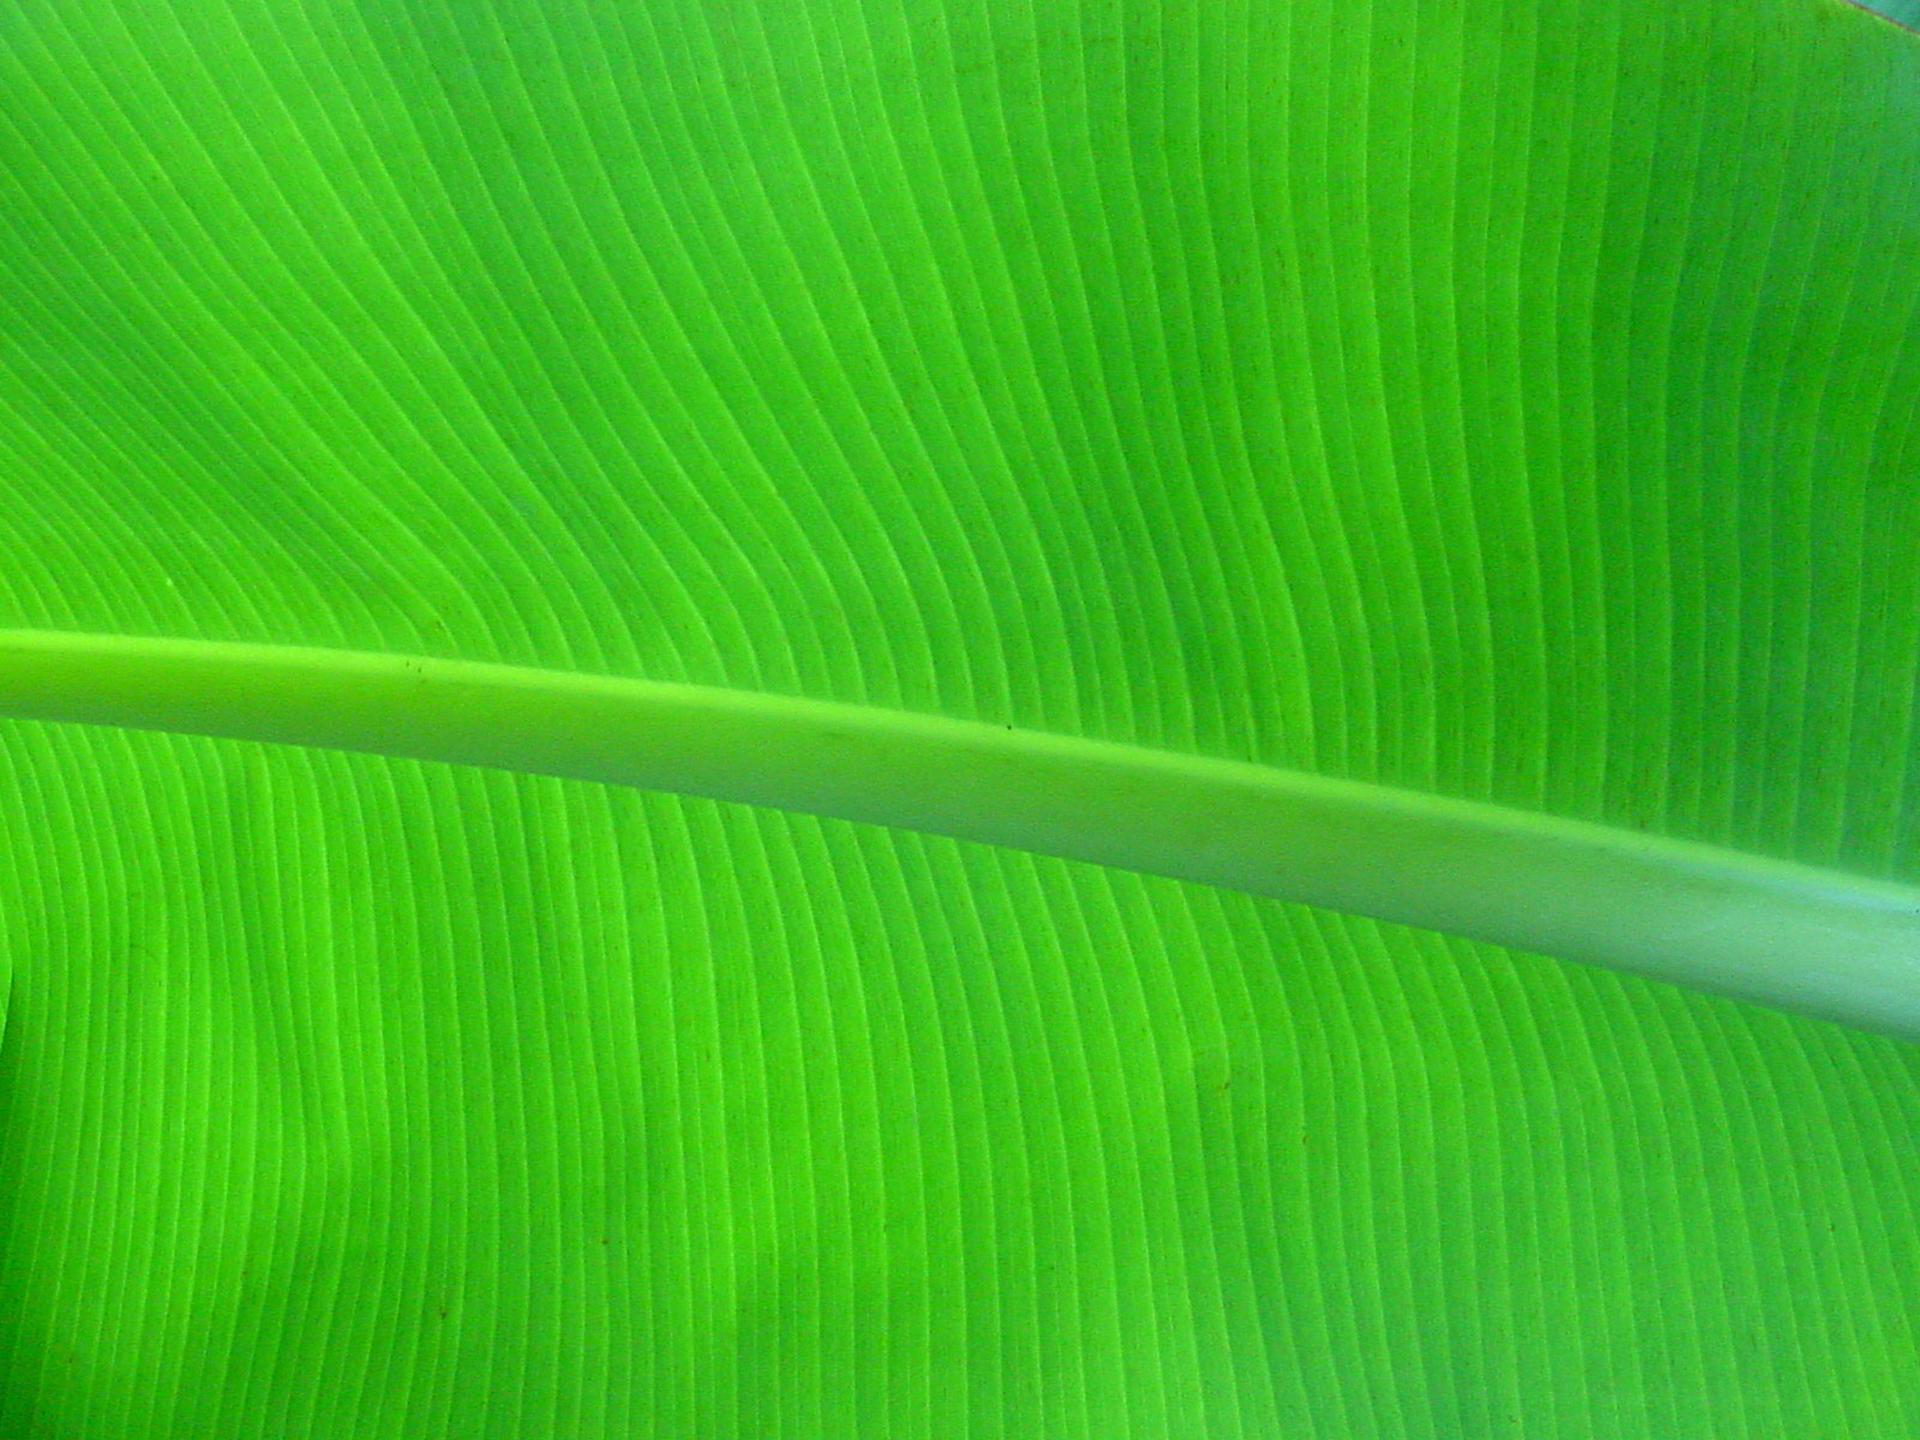 Anime Thanksgiving Wallpaper Banana Leaf Images Free Pixelstalk Net